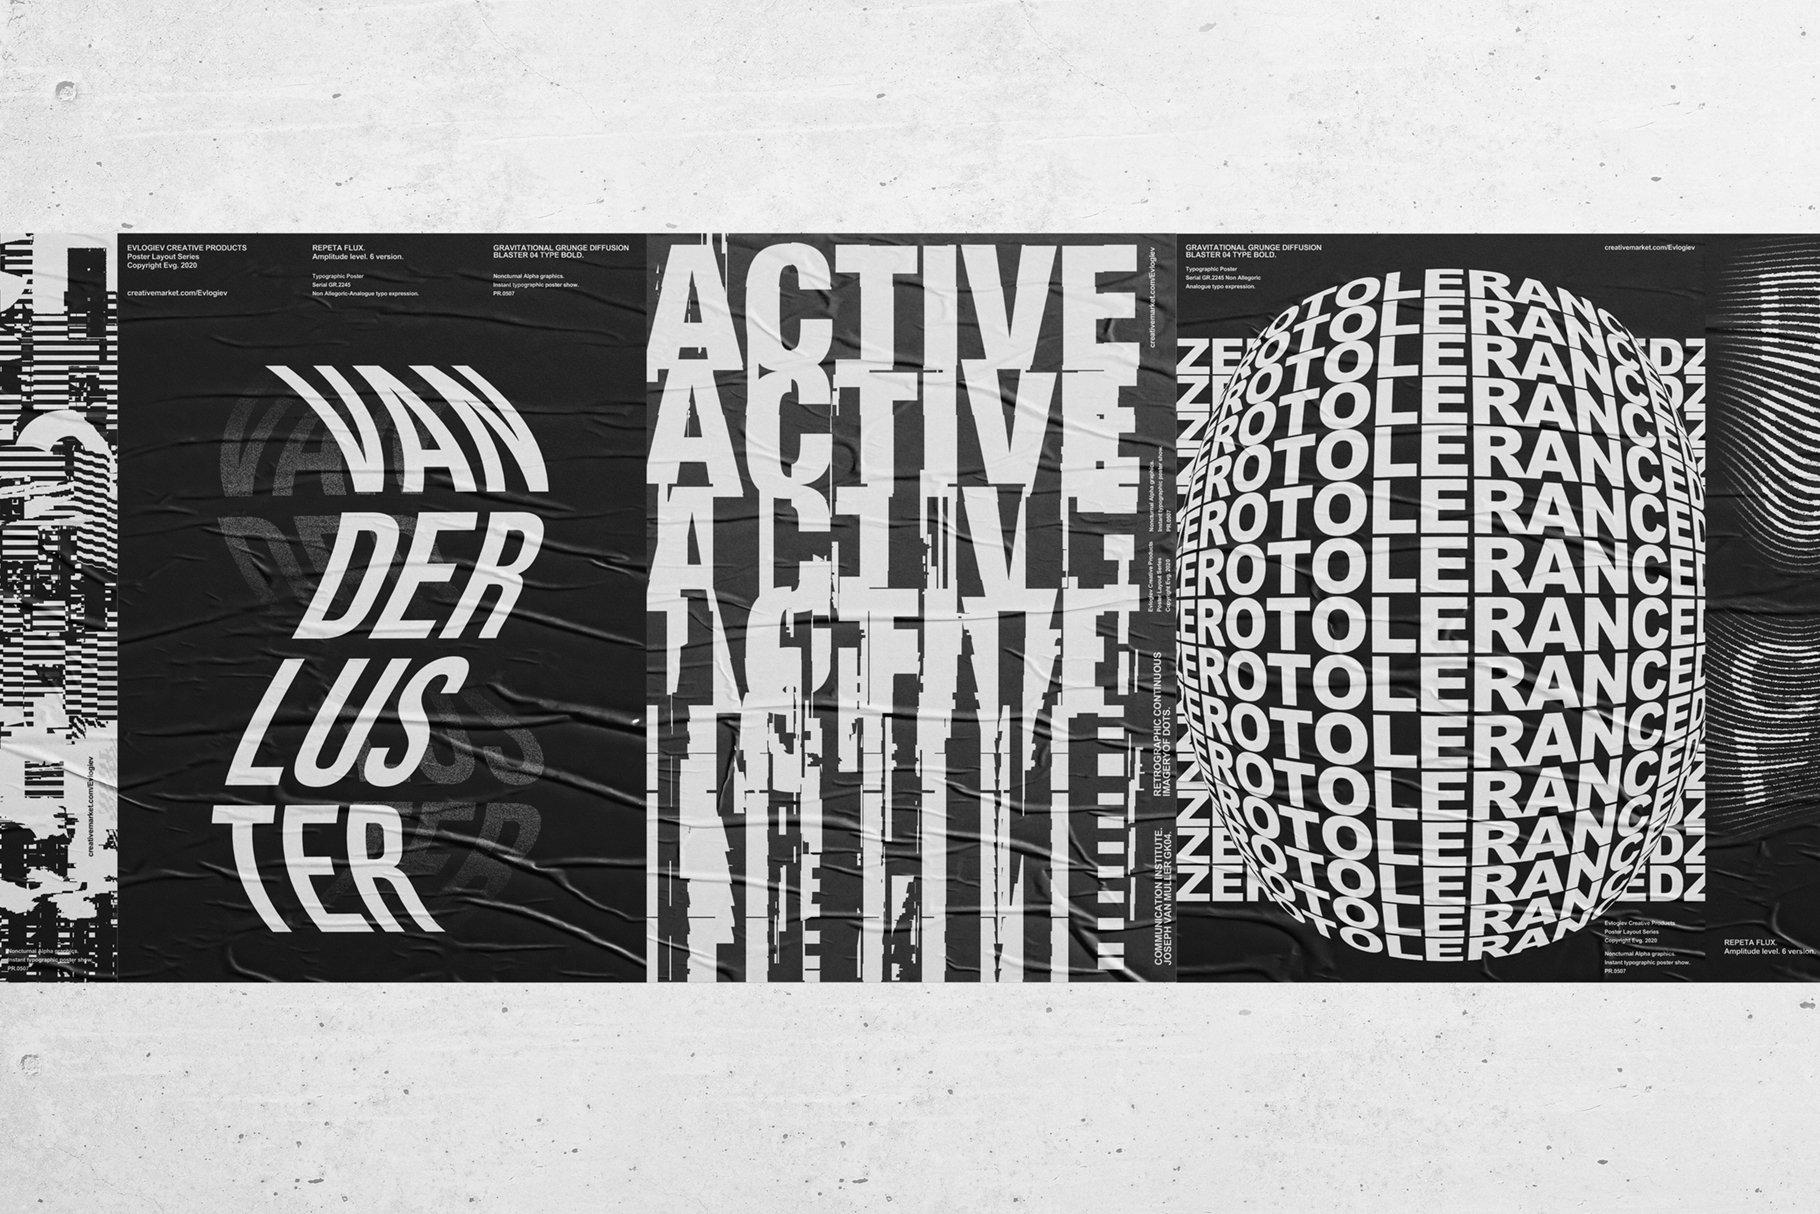 20款创意抽象主视觉海报标题特效字体设计智能贴图样机模板 Typographic Poster Layouts No.01插图(6)